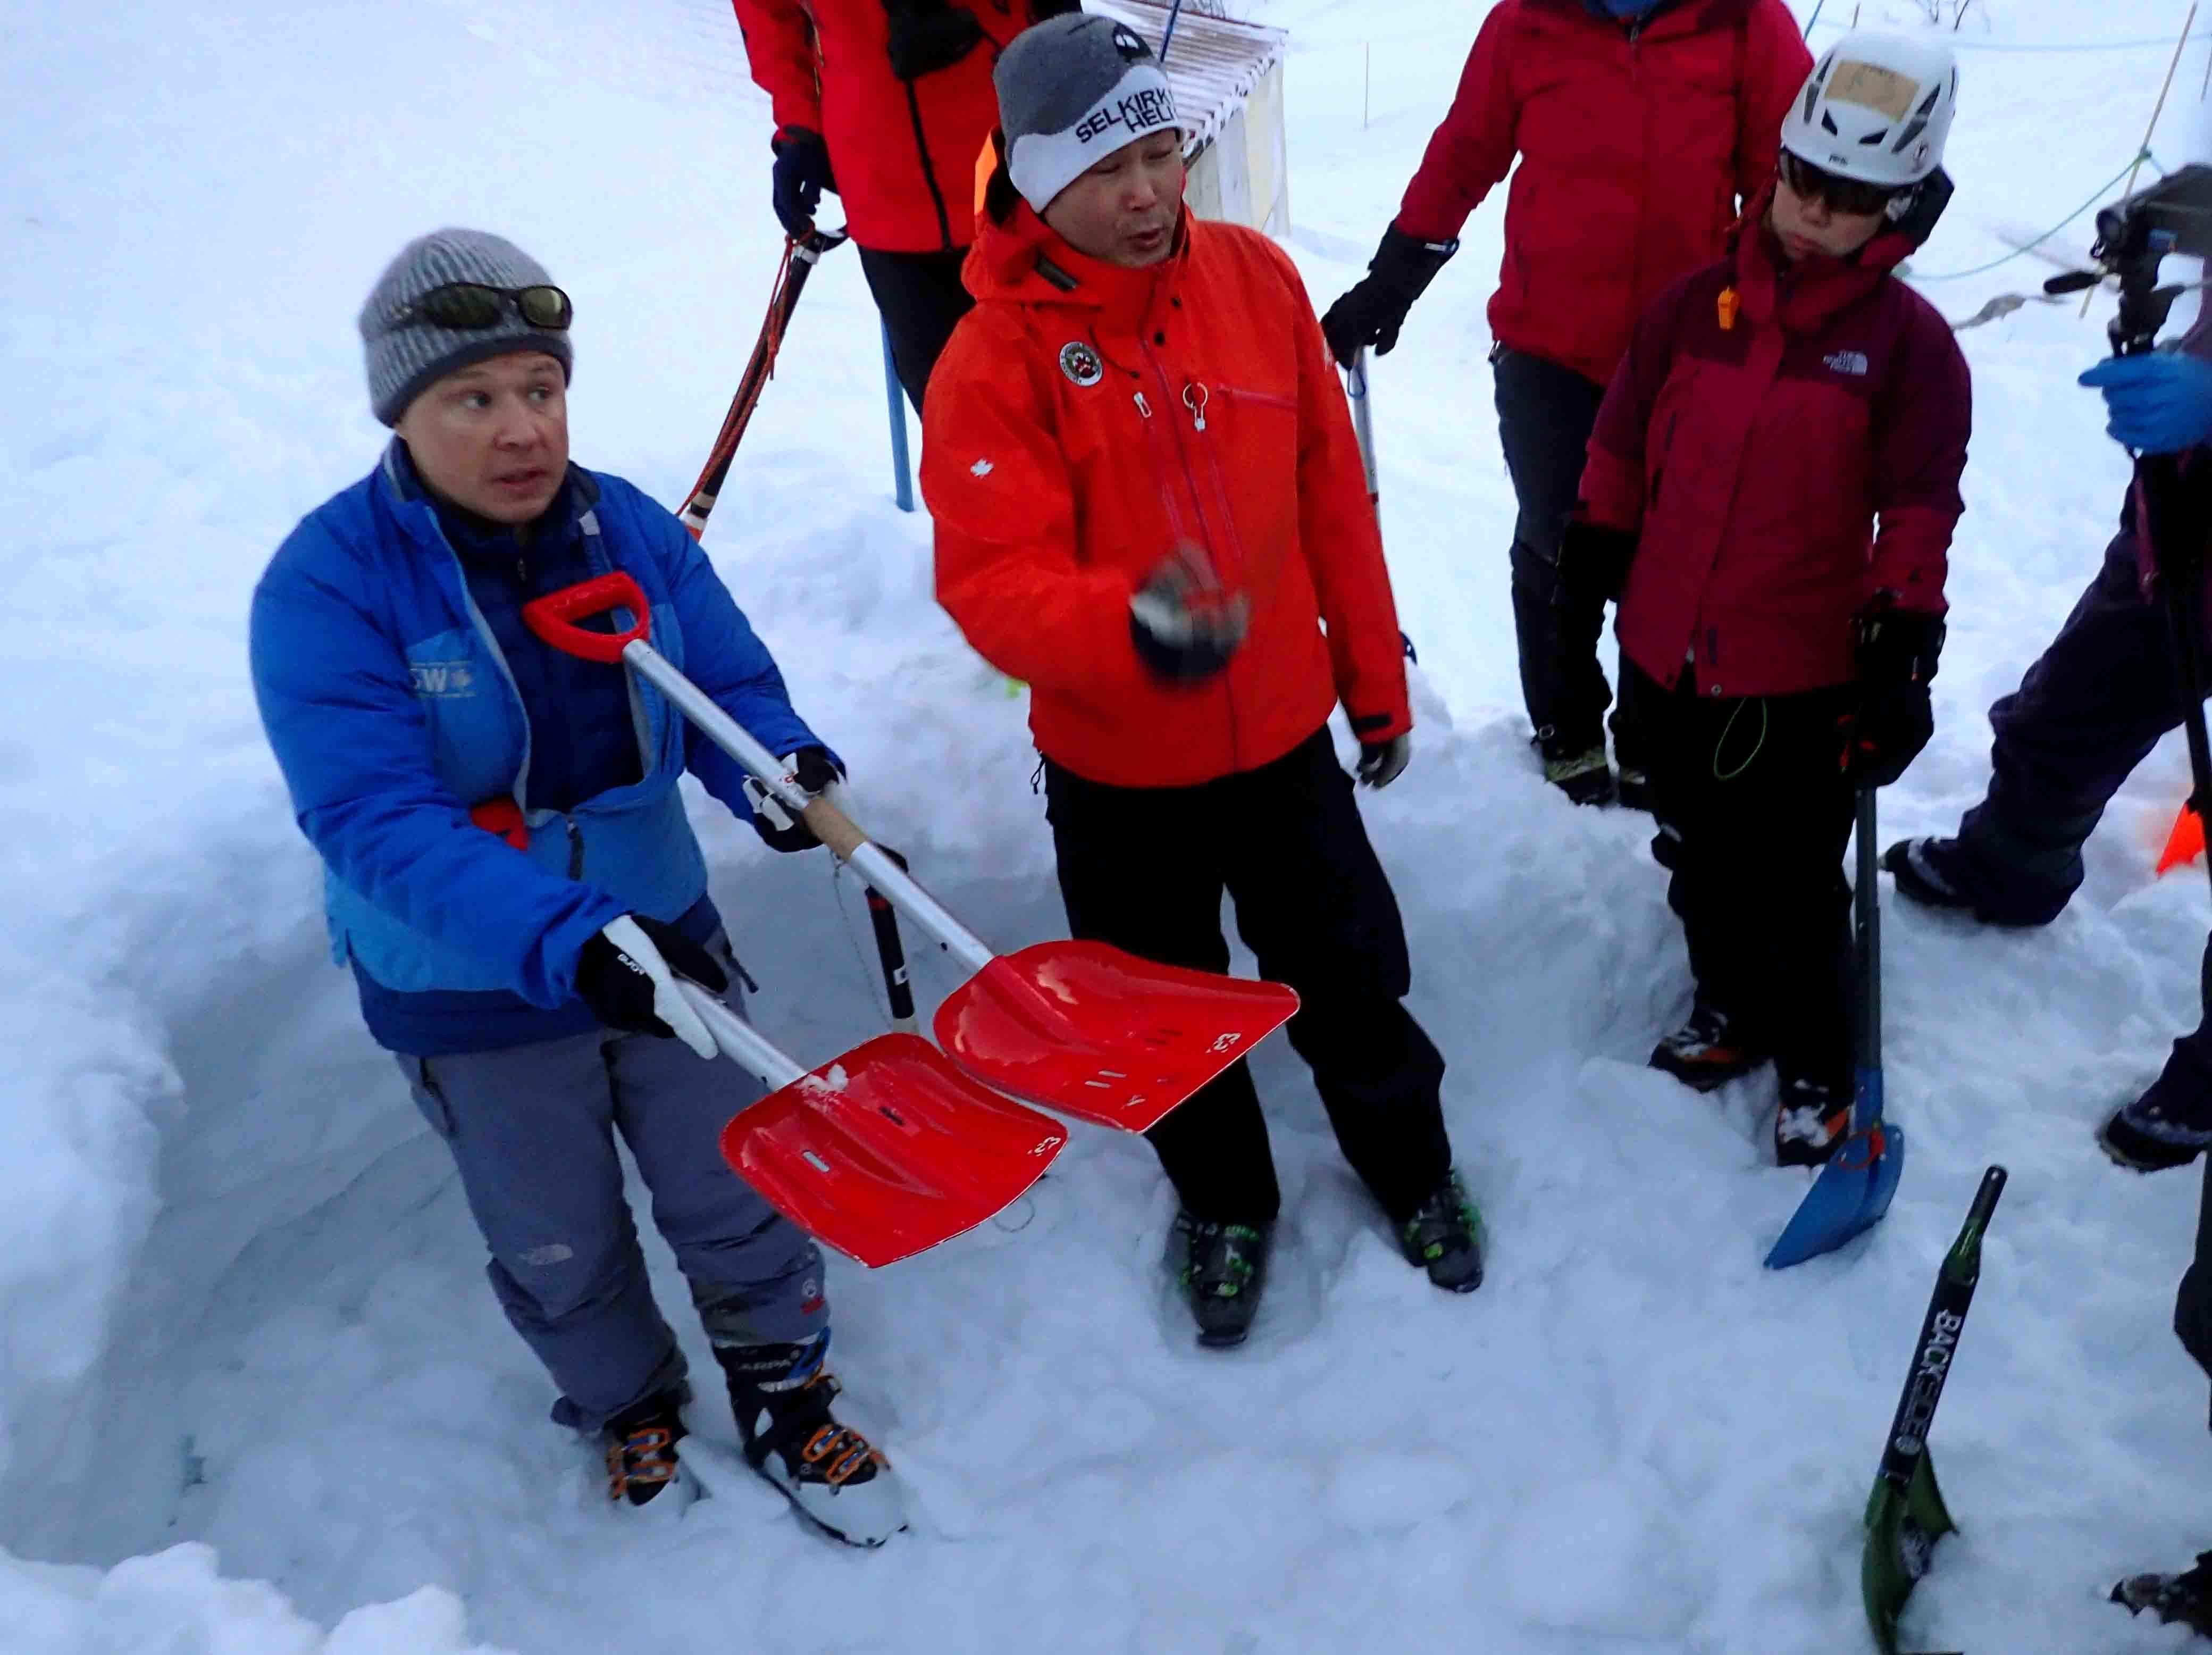 国際標準雪崩レスキュー (17)